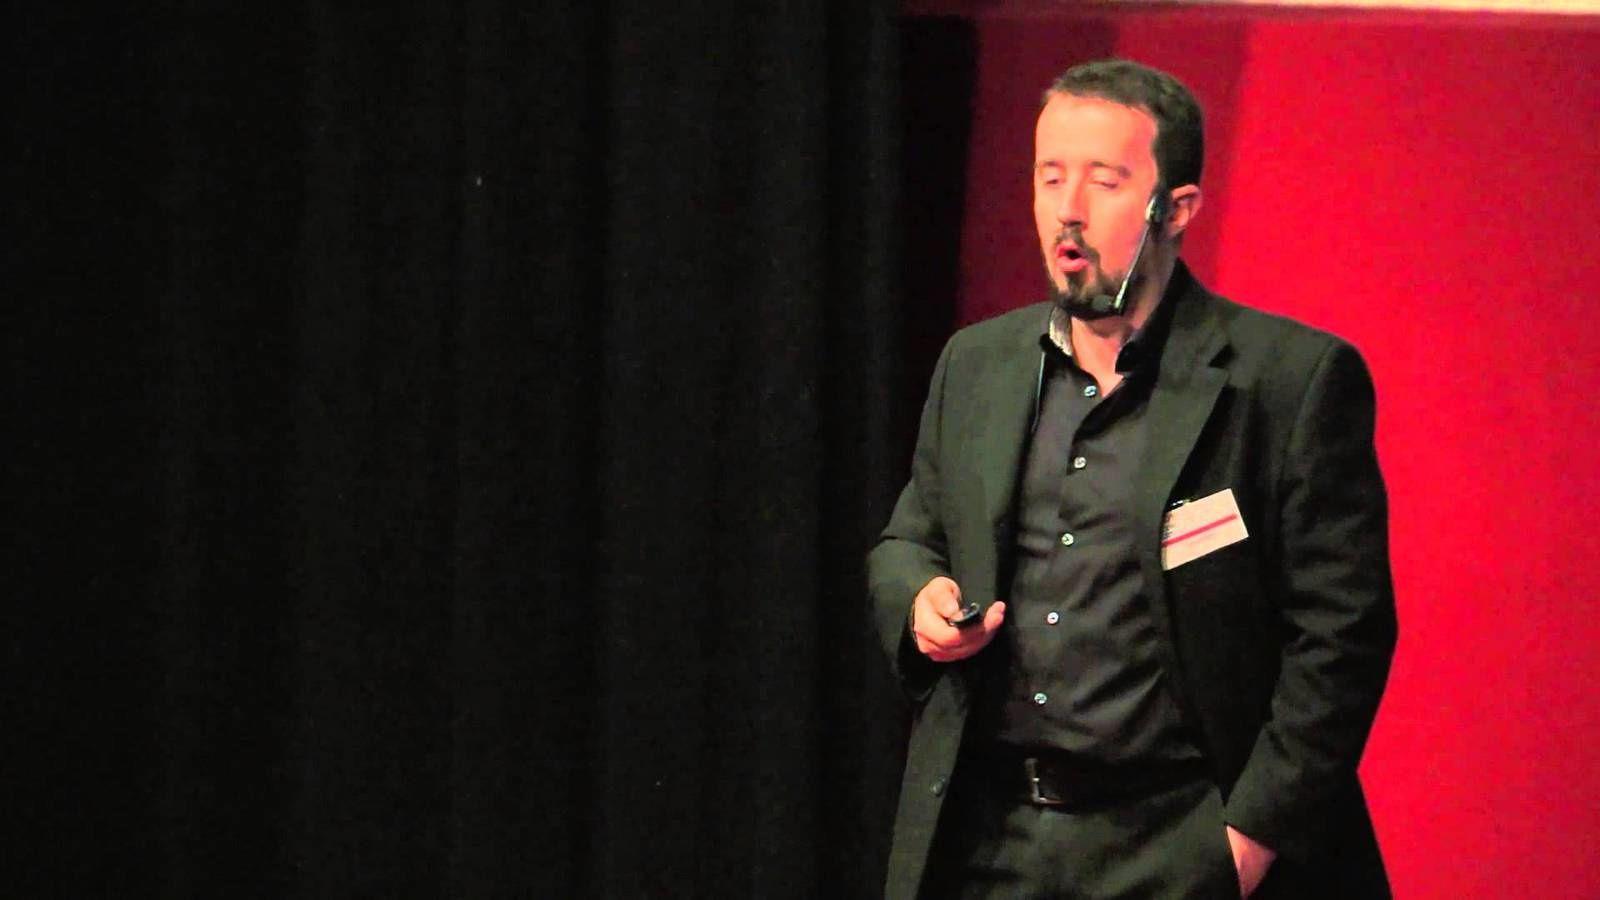 Vincent Callebaut, l'architecte urbaniste belge, à la tête du projet VCA Paris Smart City 2050